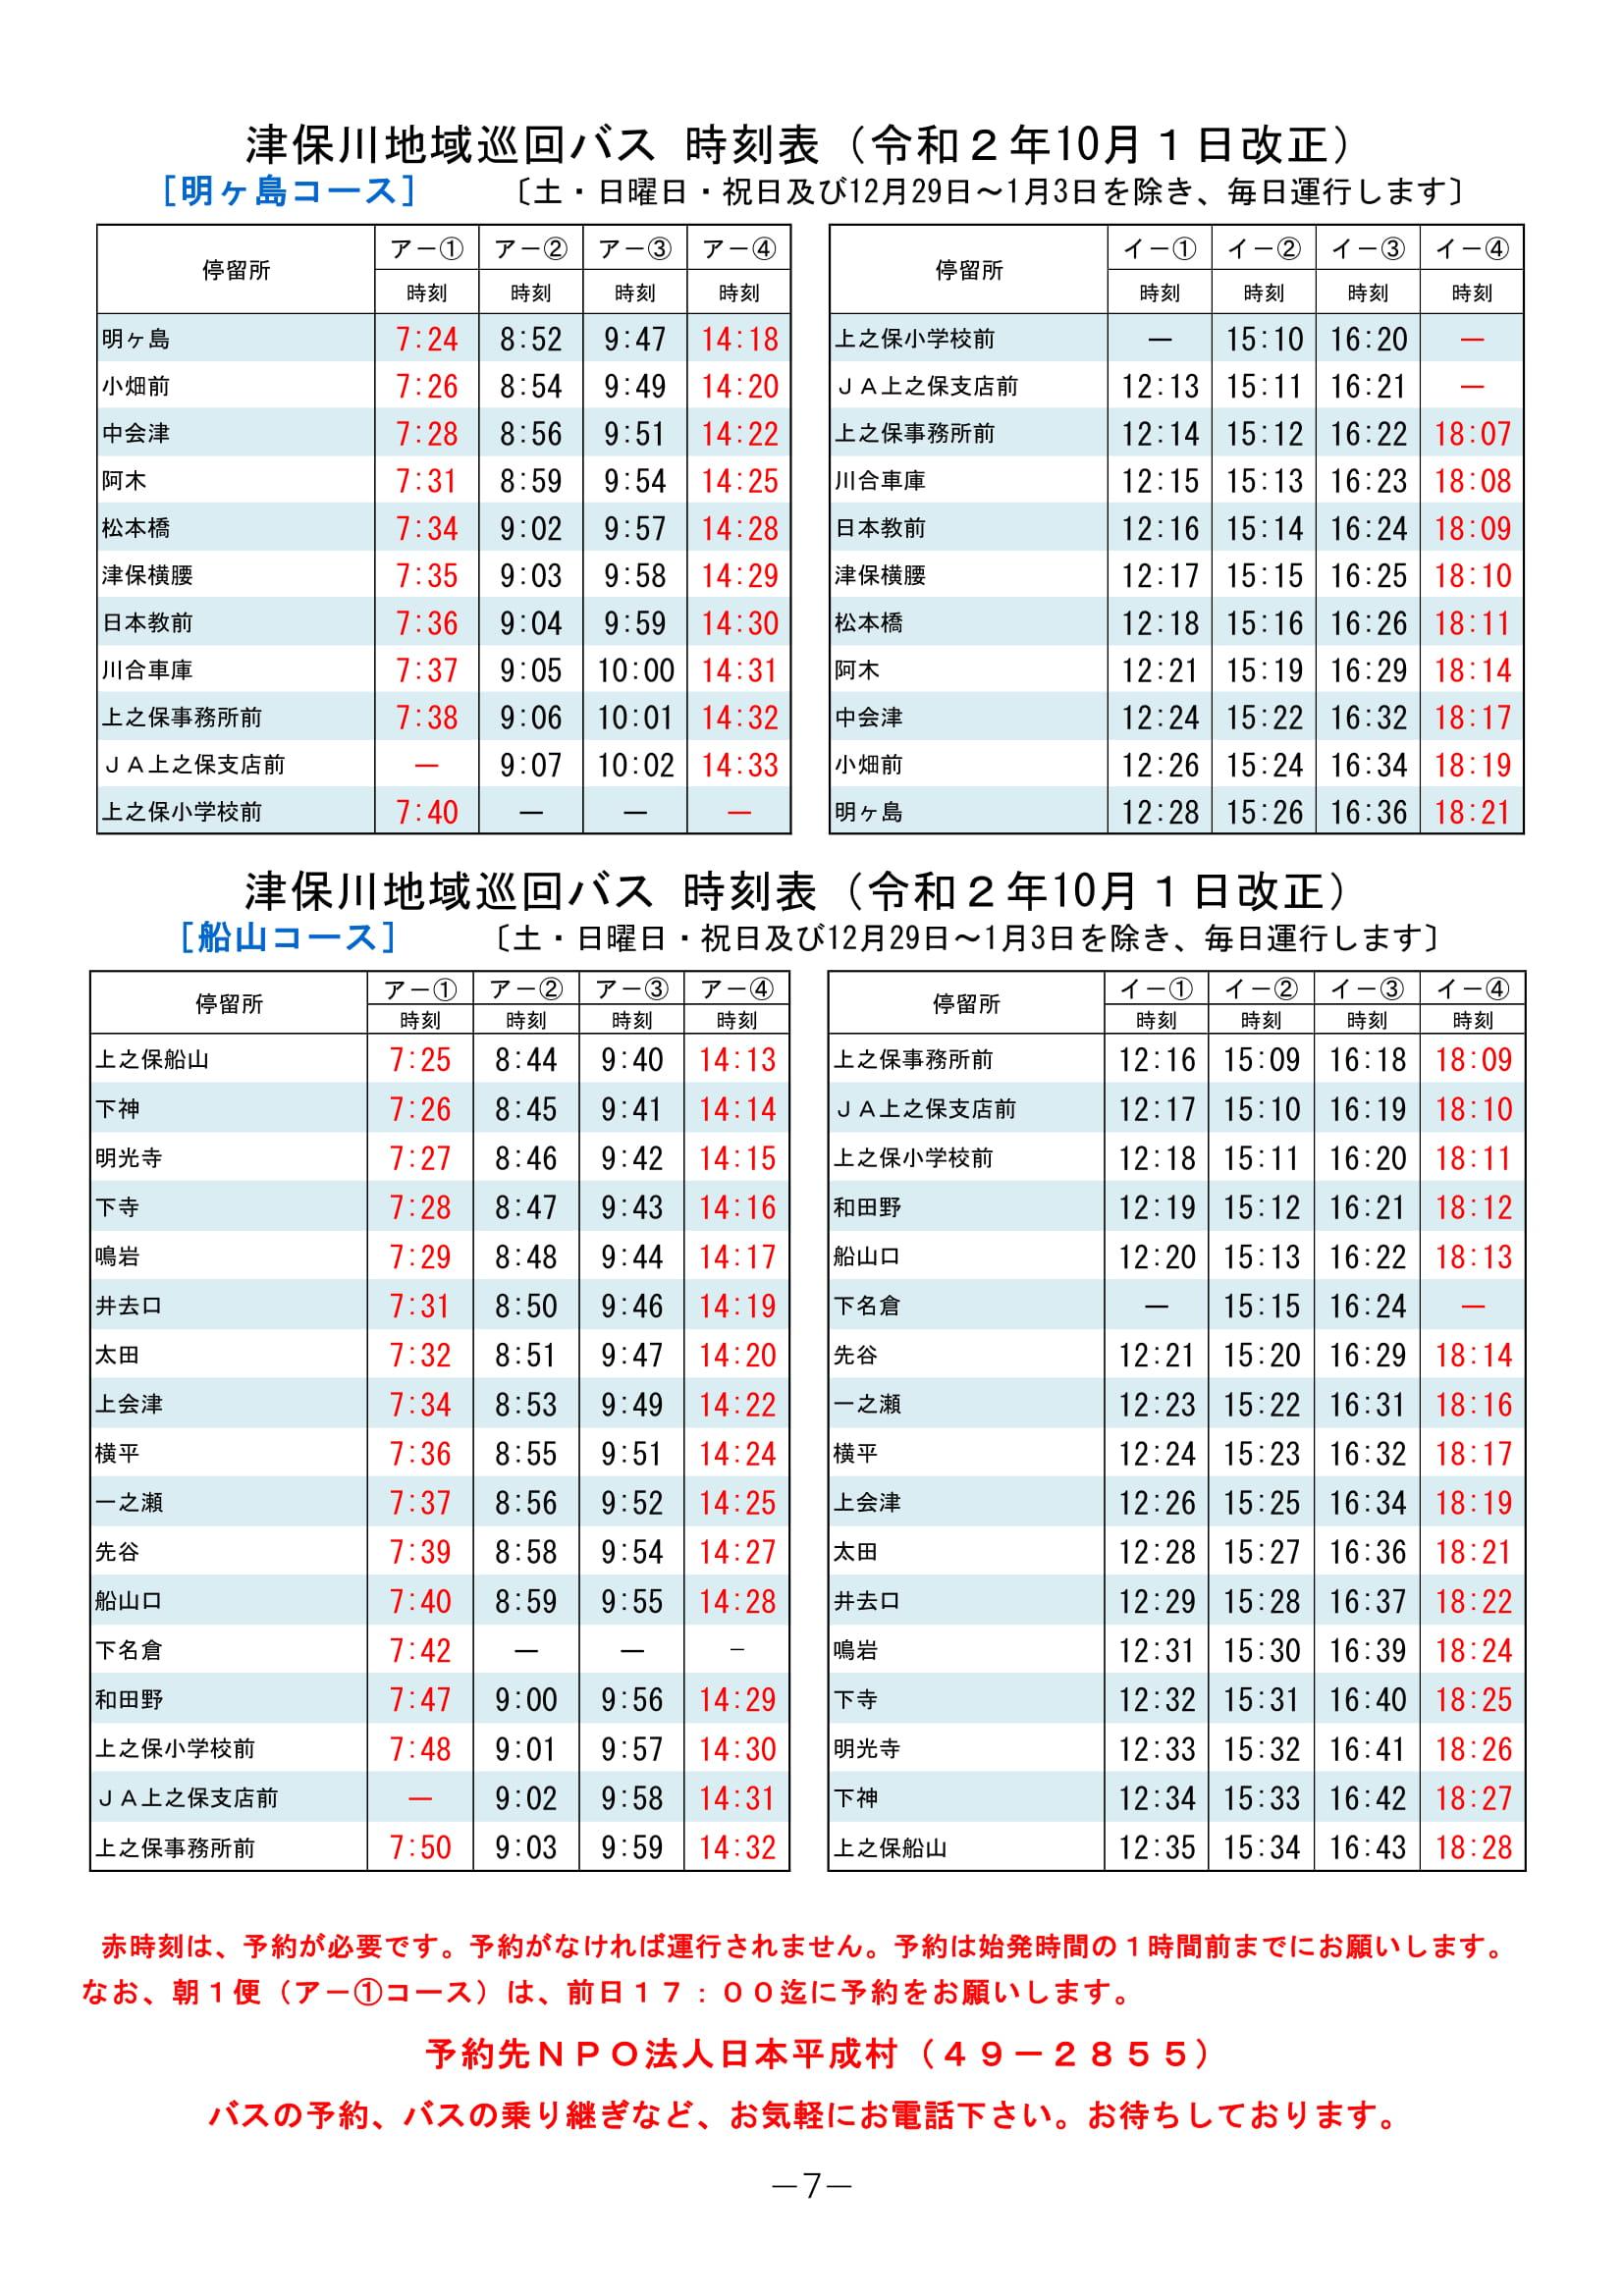 【明ケ島コース】【船山コース】津保川地域バス時刻表(令和2年10月1日改正)